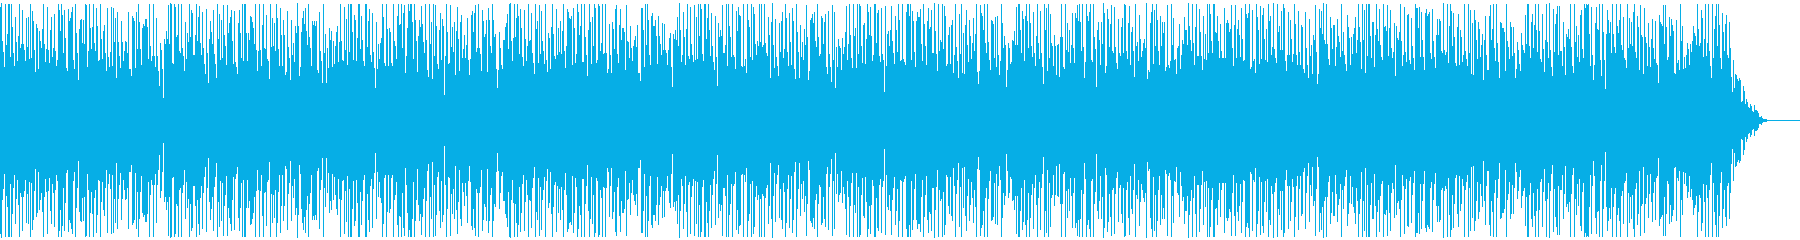 明るく暖かい緩やかなピアノの曲の再生済みの波形